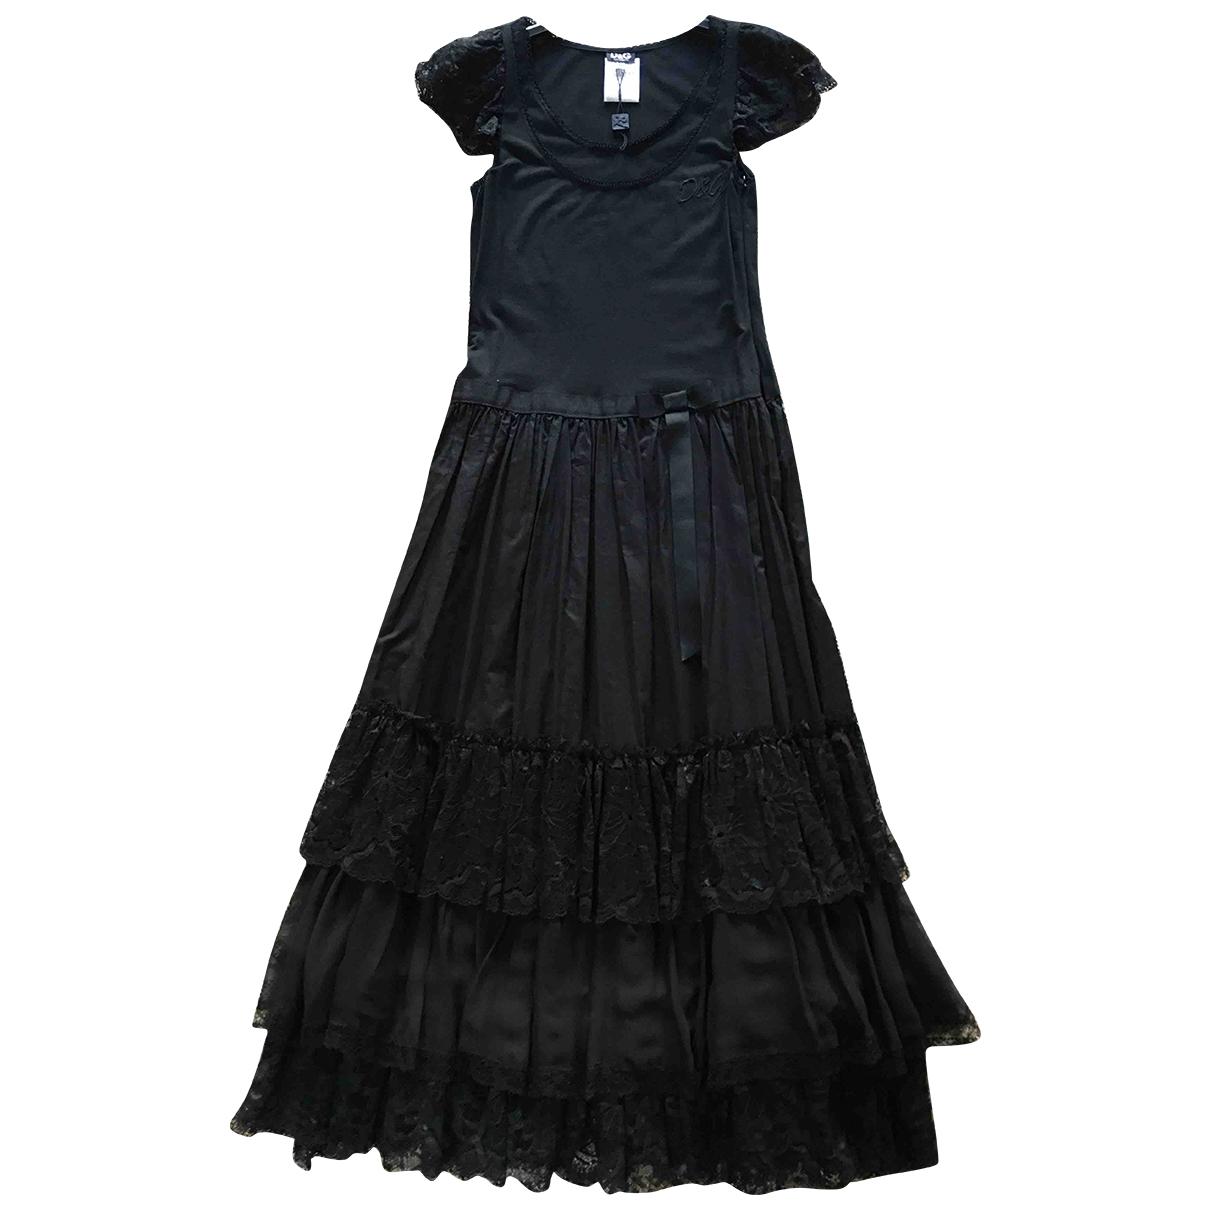 D&g - Robe   pour femme en coton - elasthane - noir